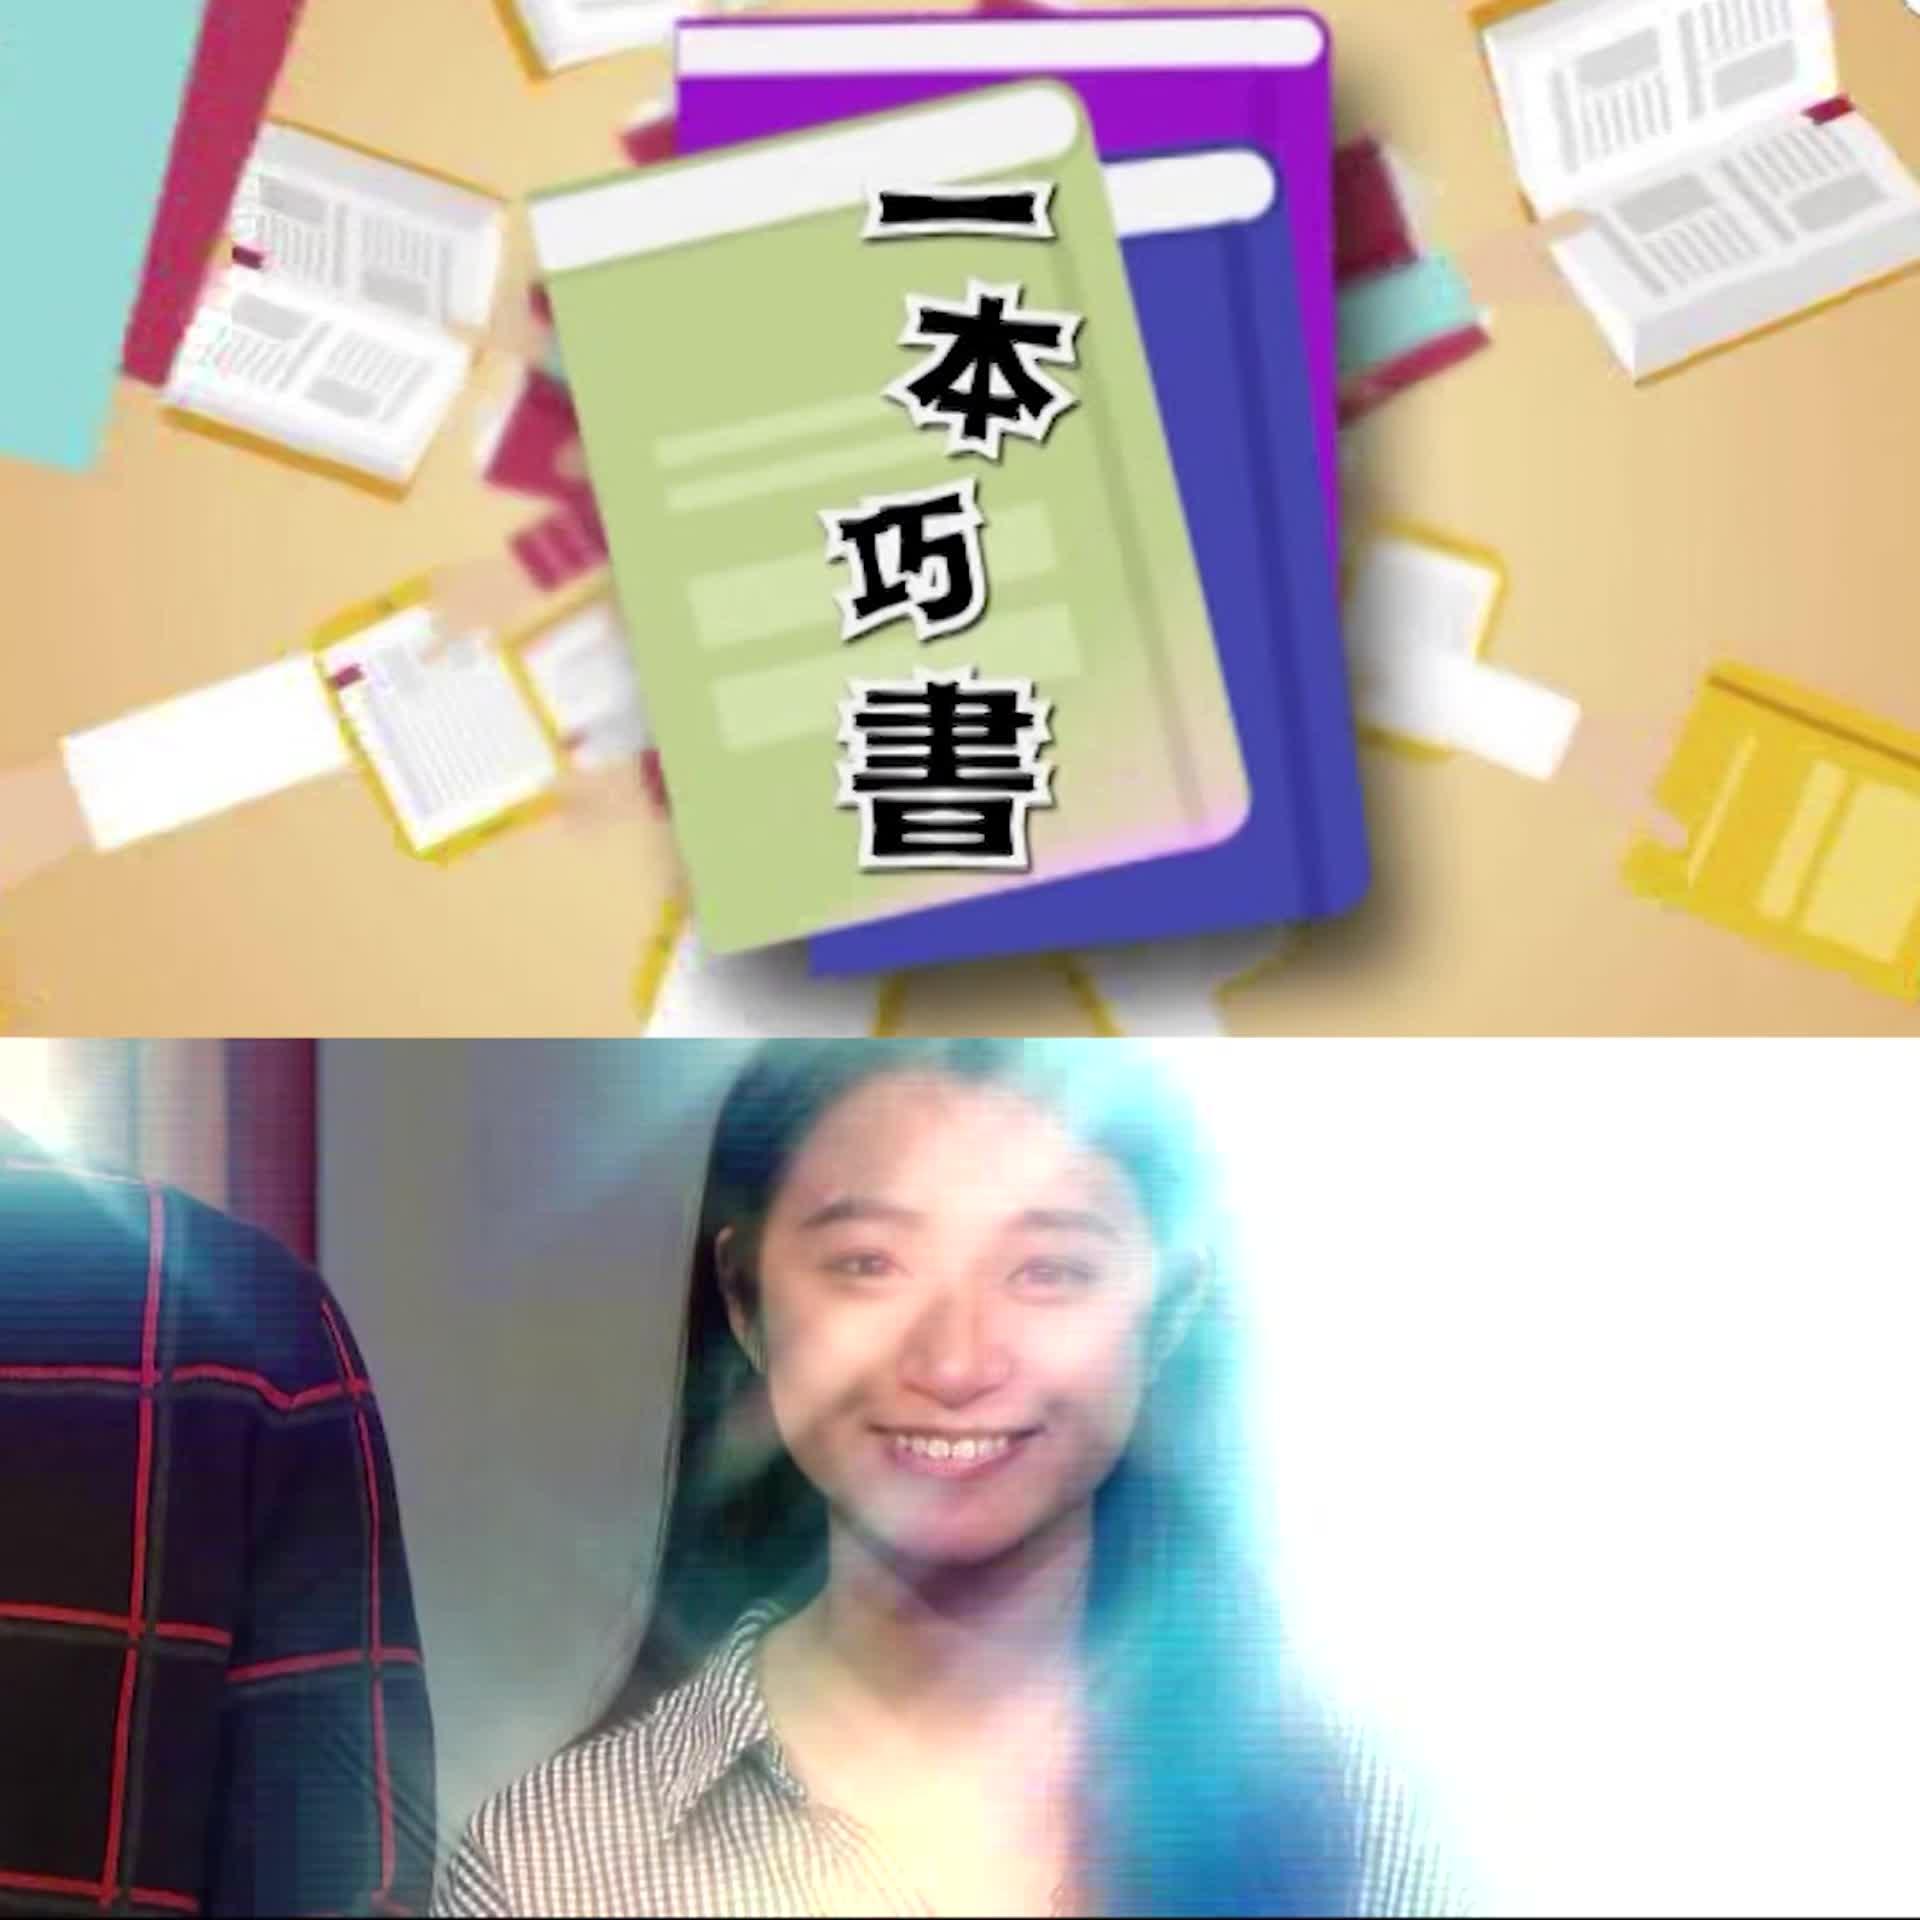 【一本巧書】芷欣推介 - 宮崎駿 出發點1979-1996/折返點1997-2008